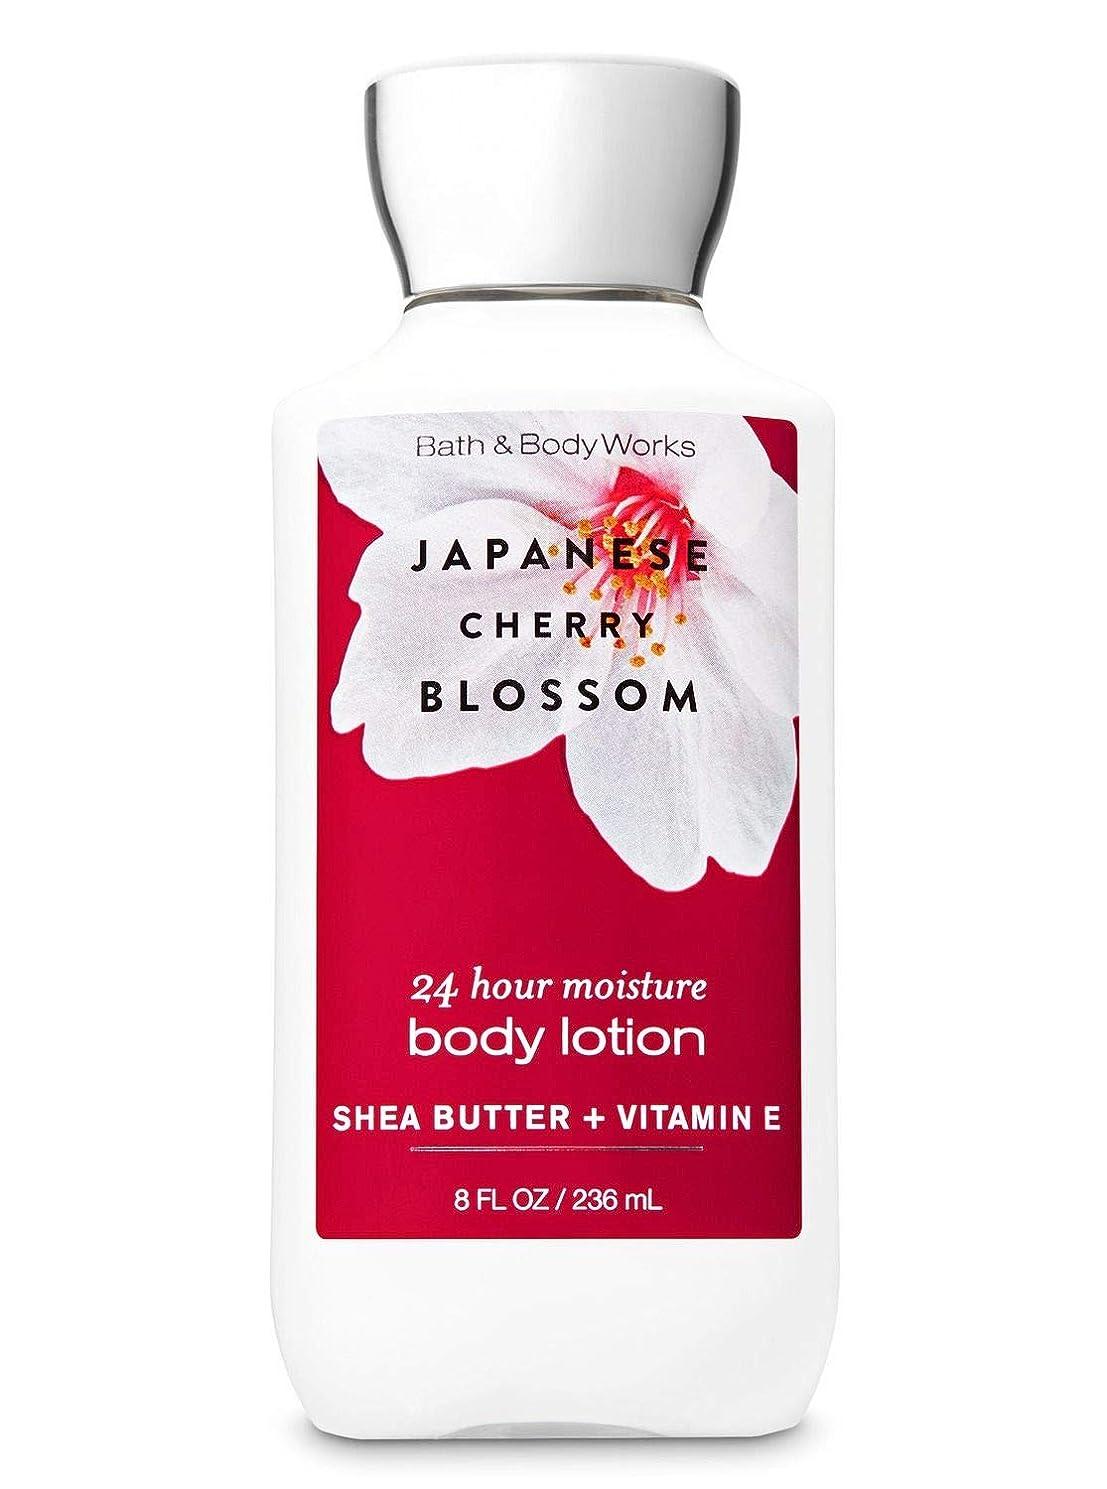 数好き政権バス&ボディワークス ジャパニーズチェリーブロッサム ボディローション Japanese Cherry Blossom Body Lotion [海外直送品]